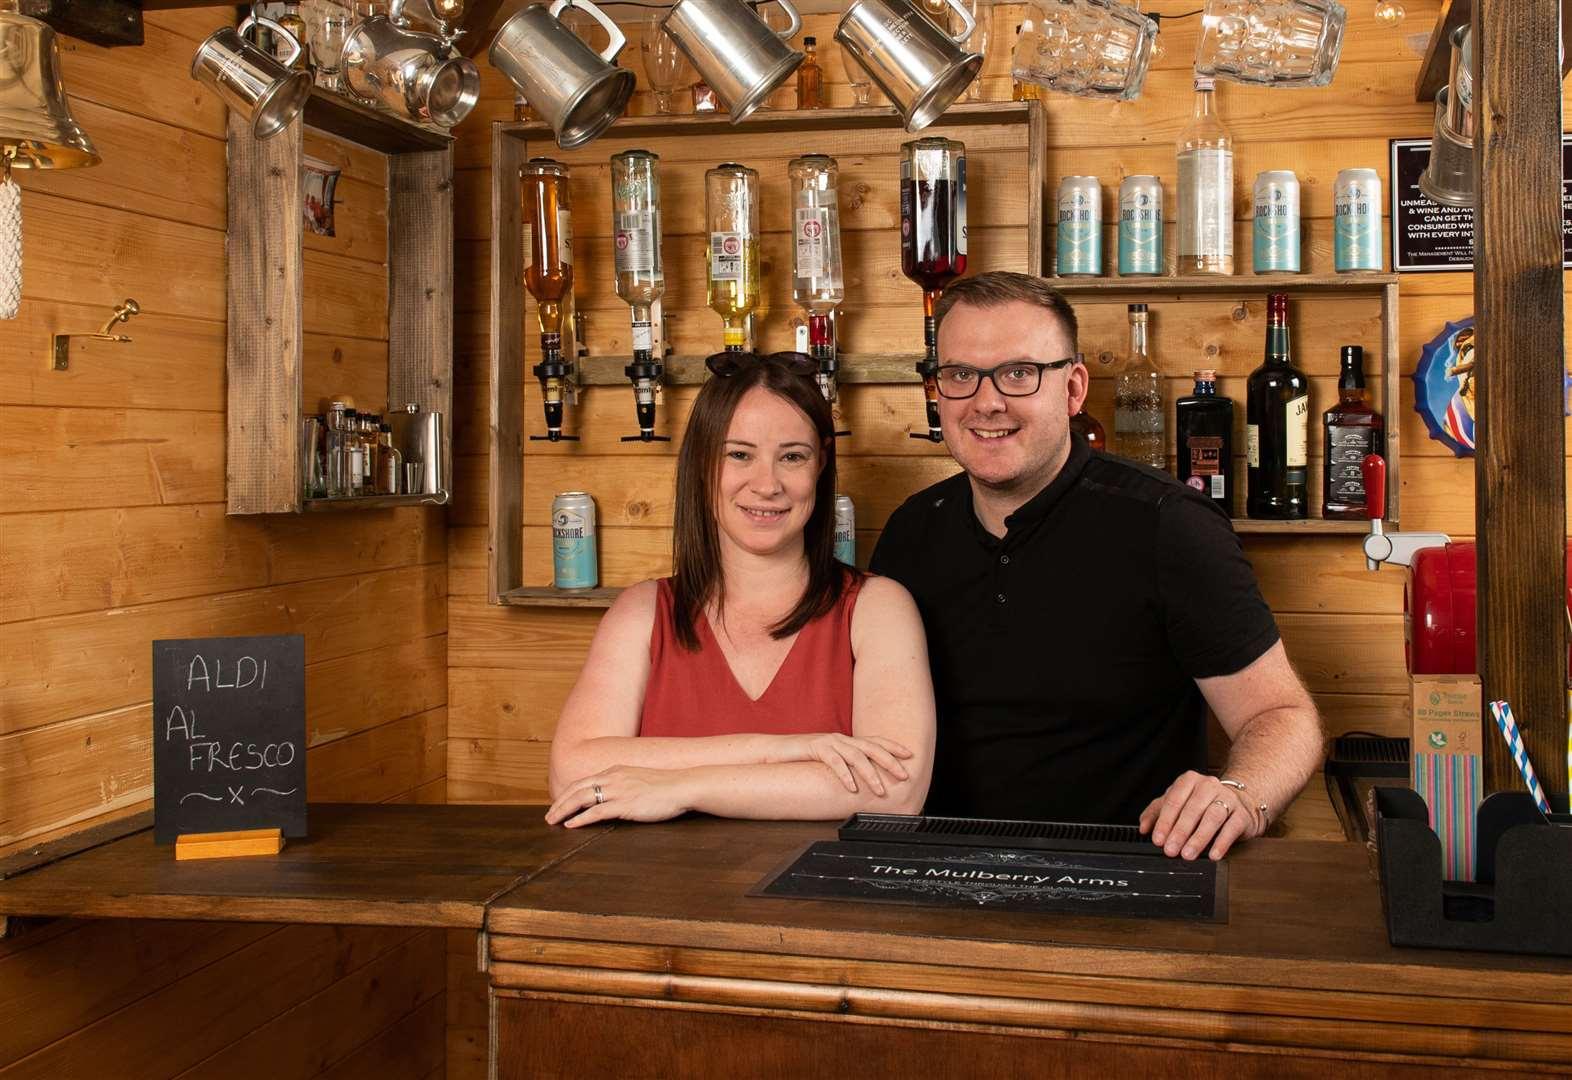 Prize-winning backyard boasts pub and Love island pit